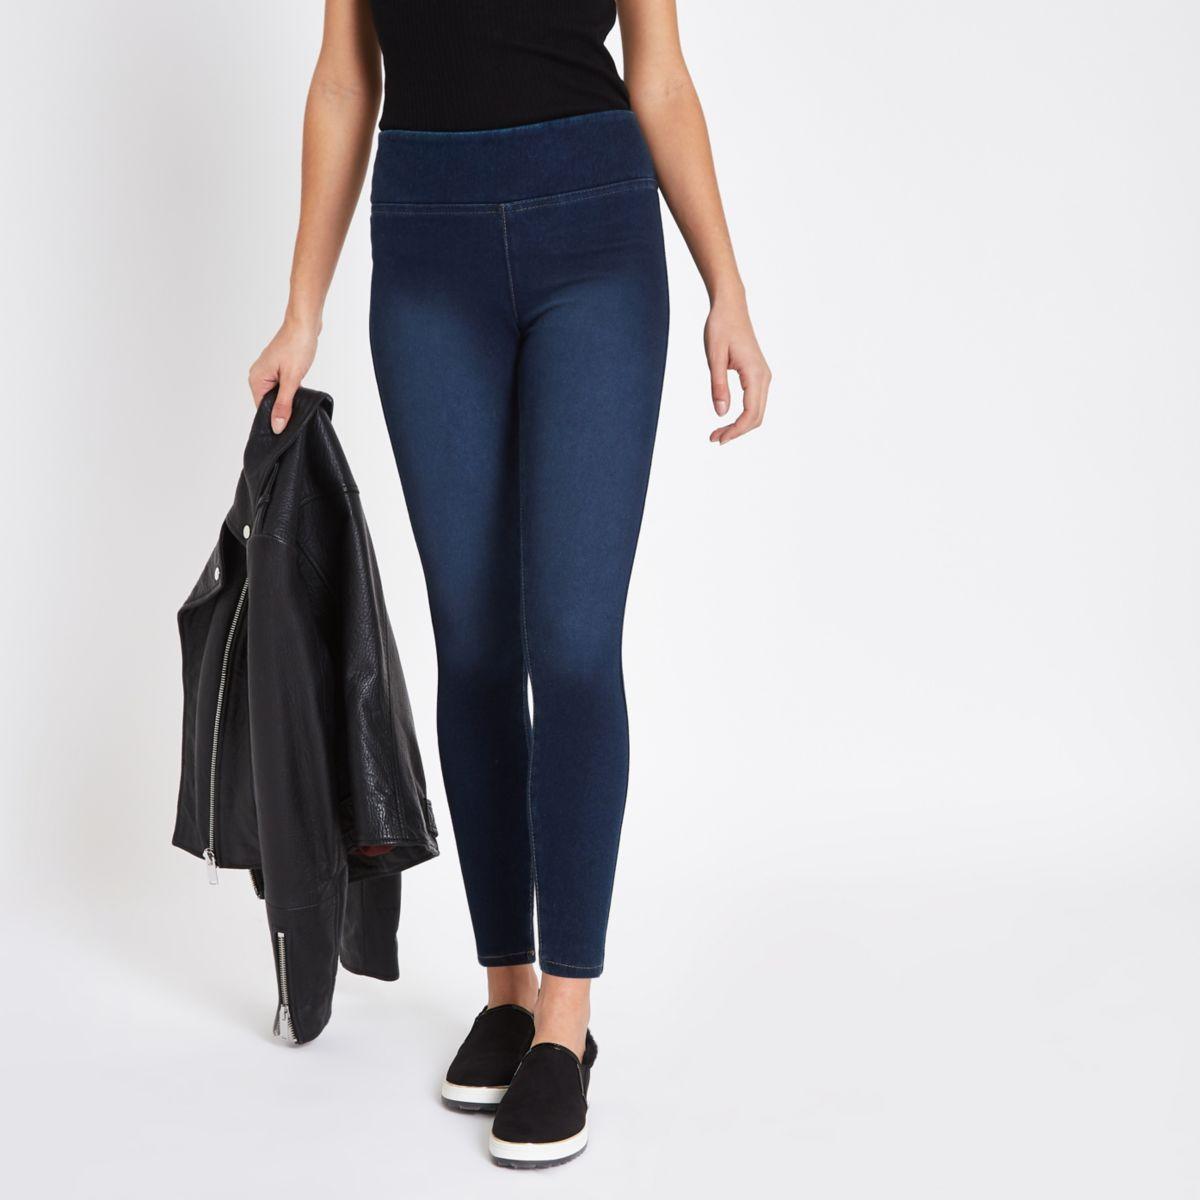 Donkerblauwe denim legging met kleurverloop